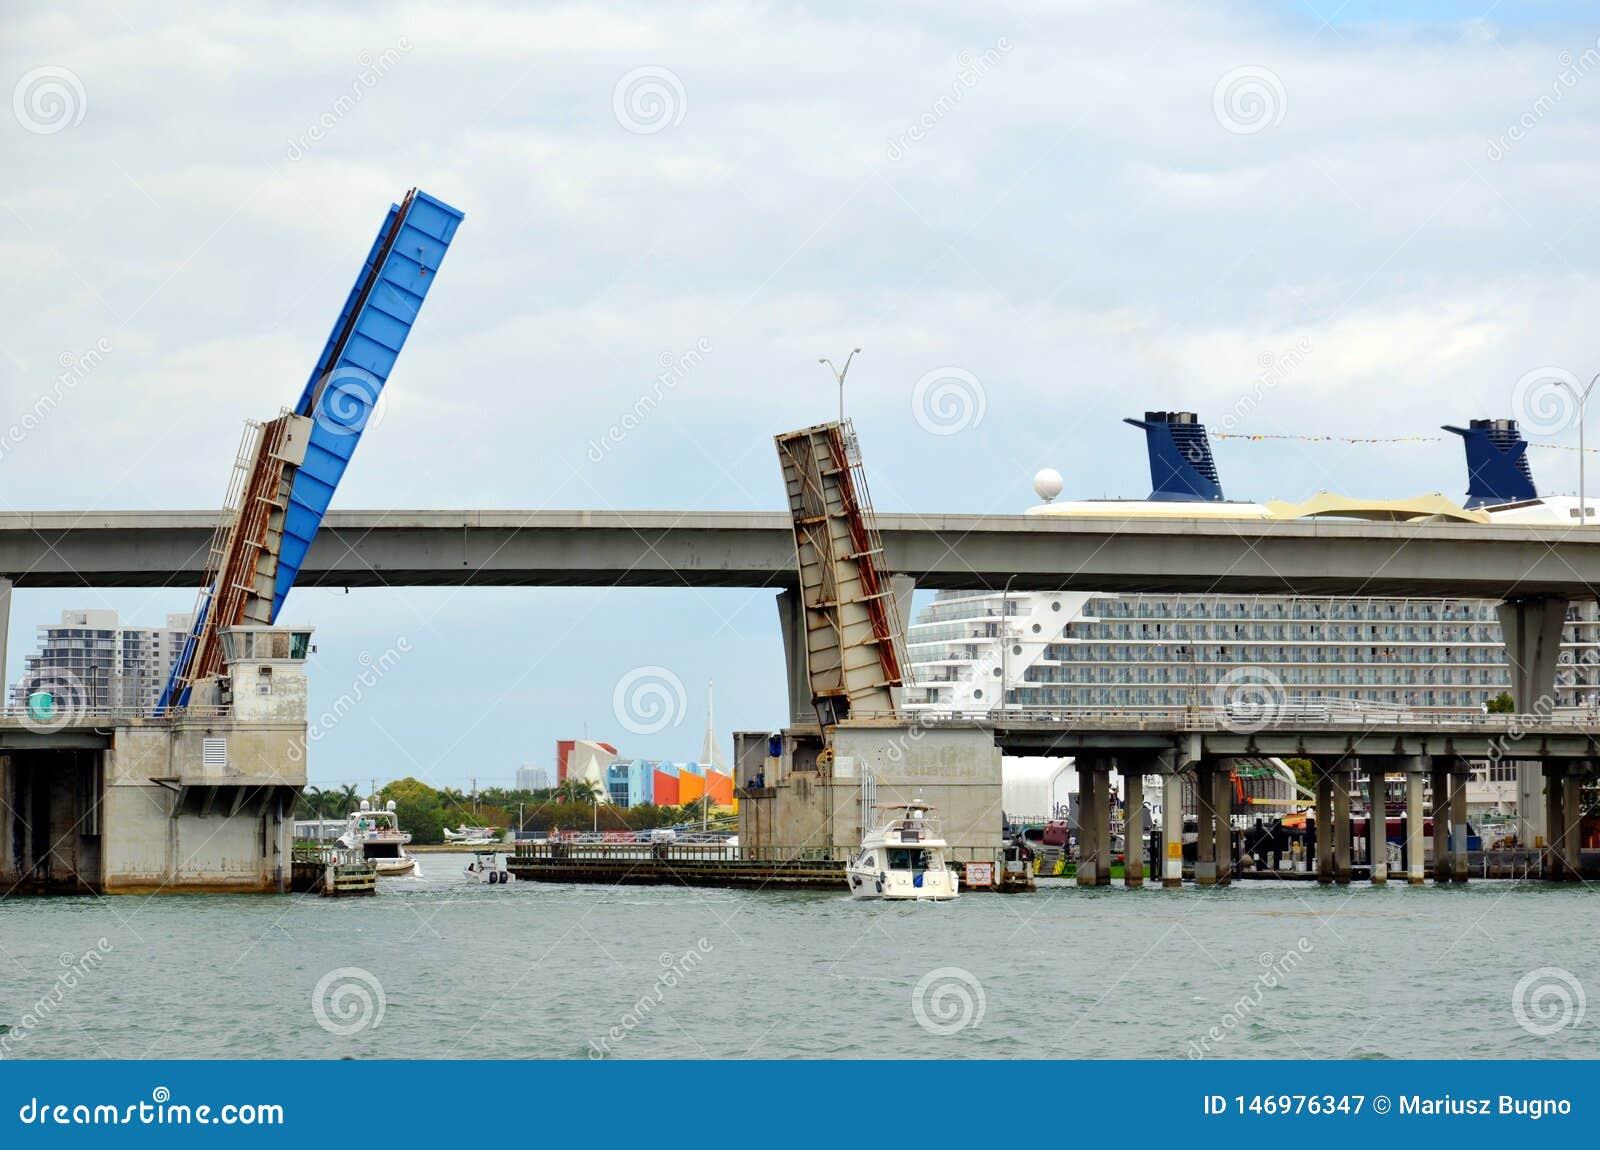 View on the bridge in Miami, California